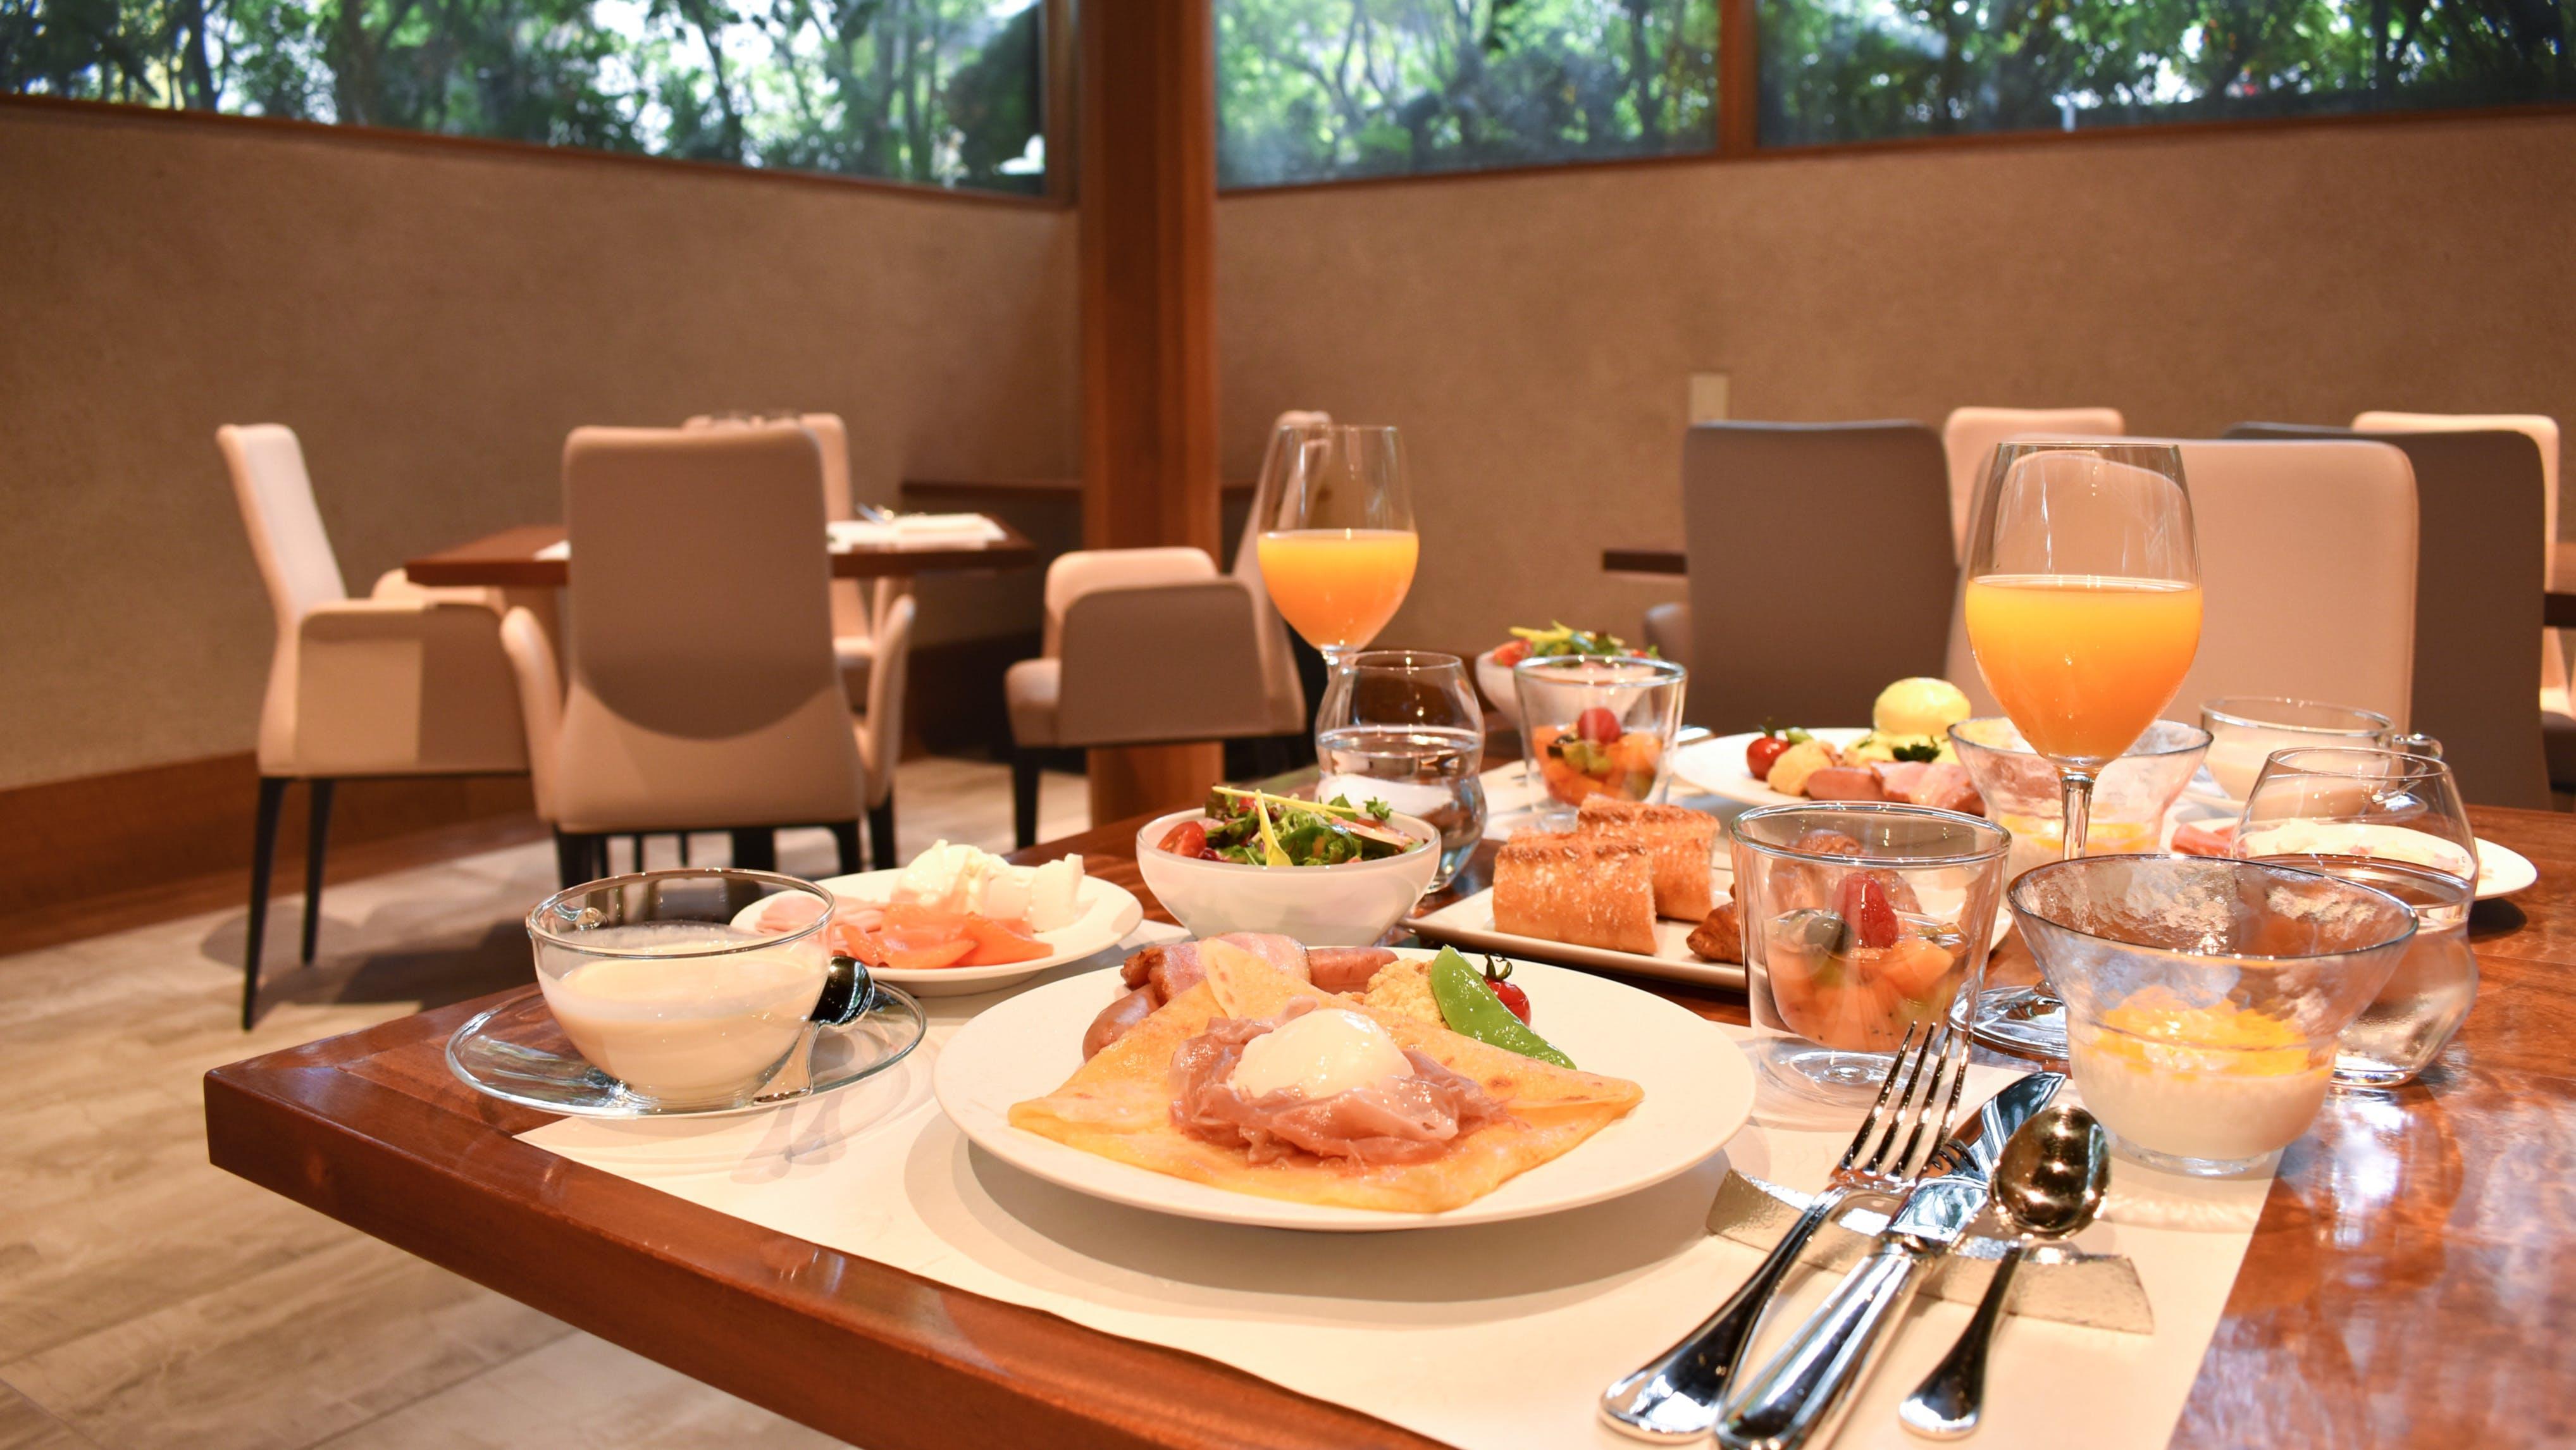 """【取材】祇園に誕生した""""アートと過ごす""""ホテルで美食体験"""